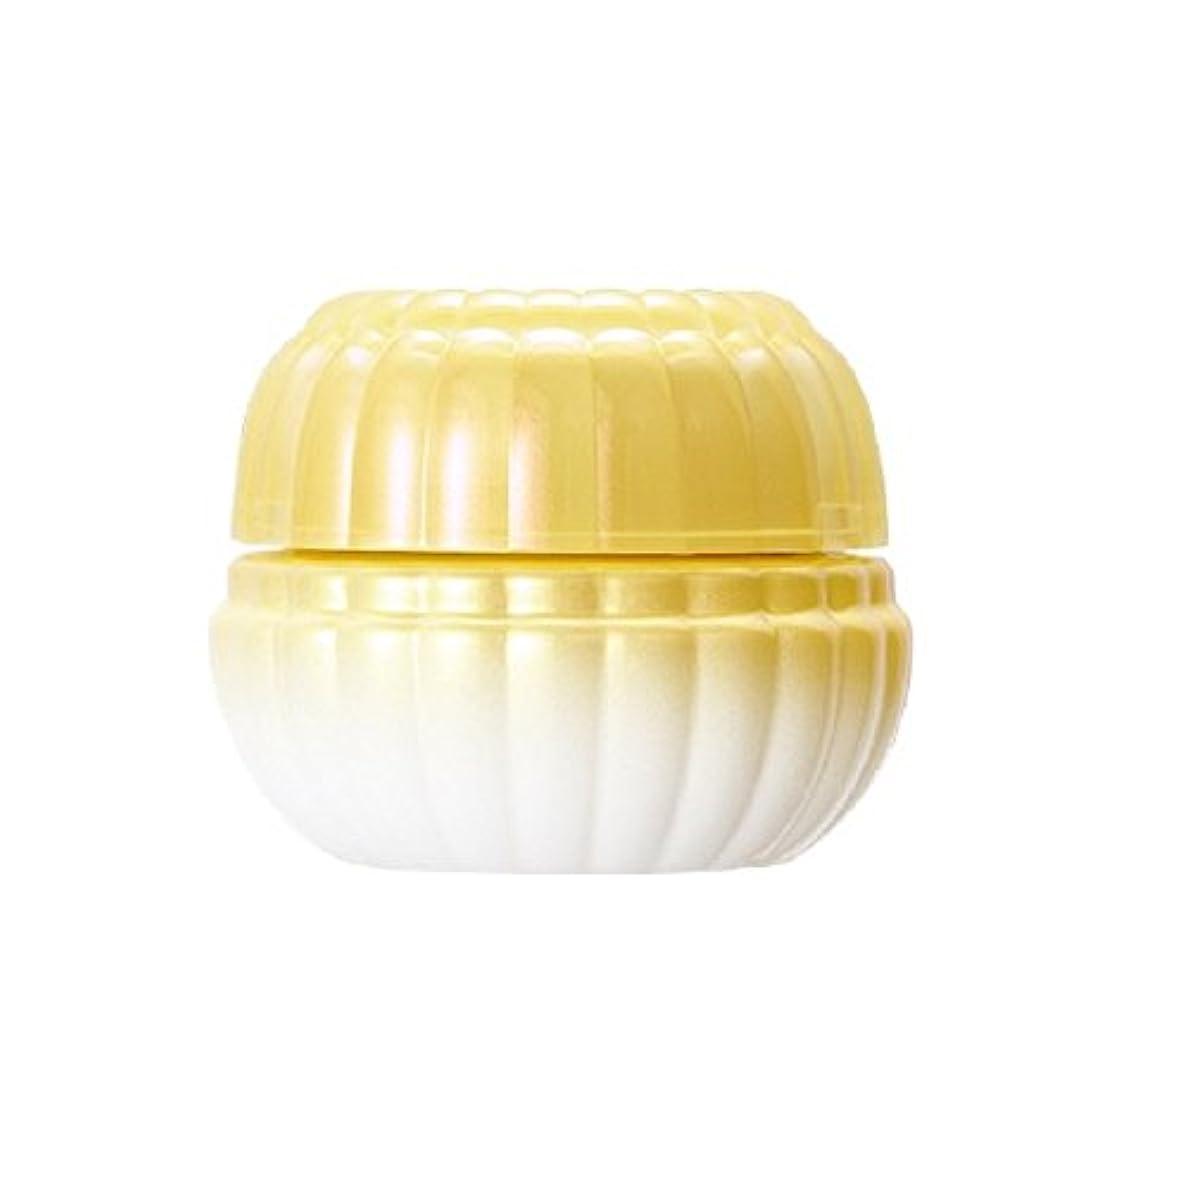 嫌がらせ換気つまずくアユーラ (AYURA) モイストパワライズクリーム (医薬部外品) 28g 〈美白クリーム〉